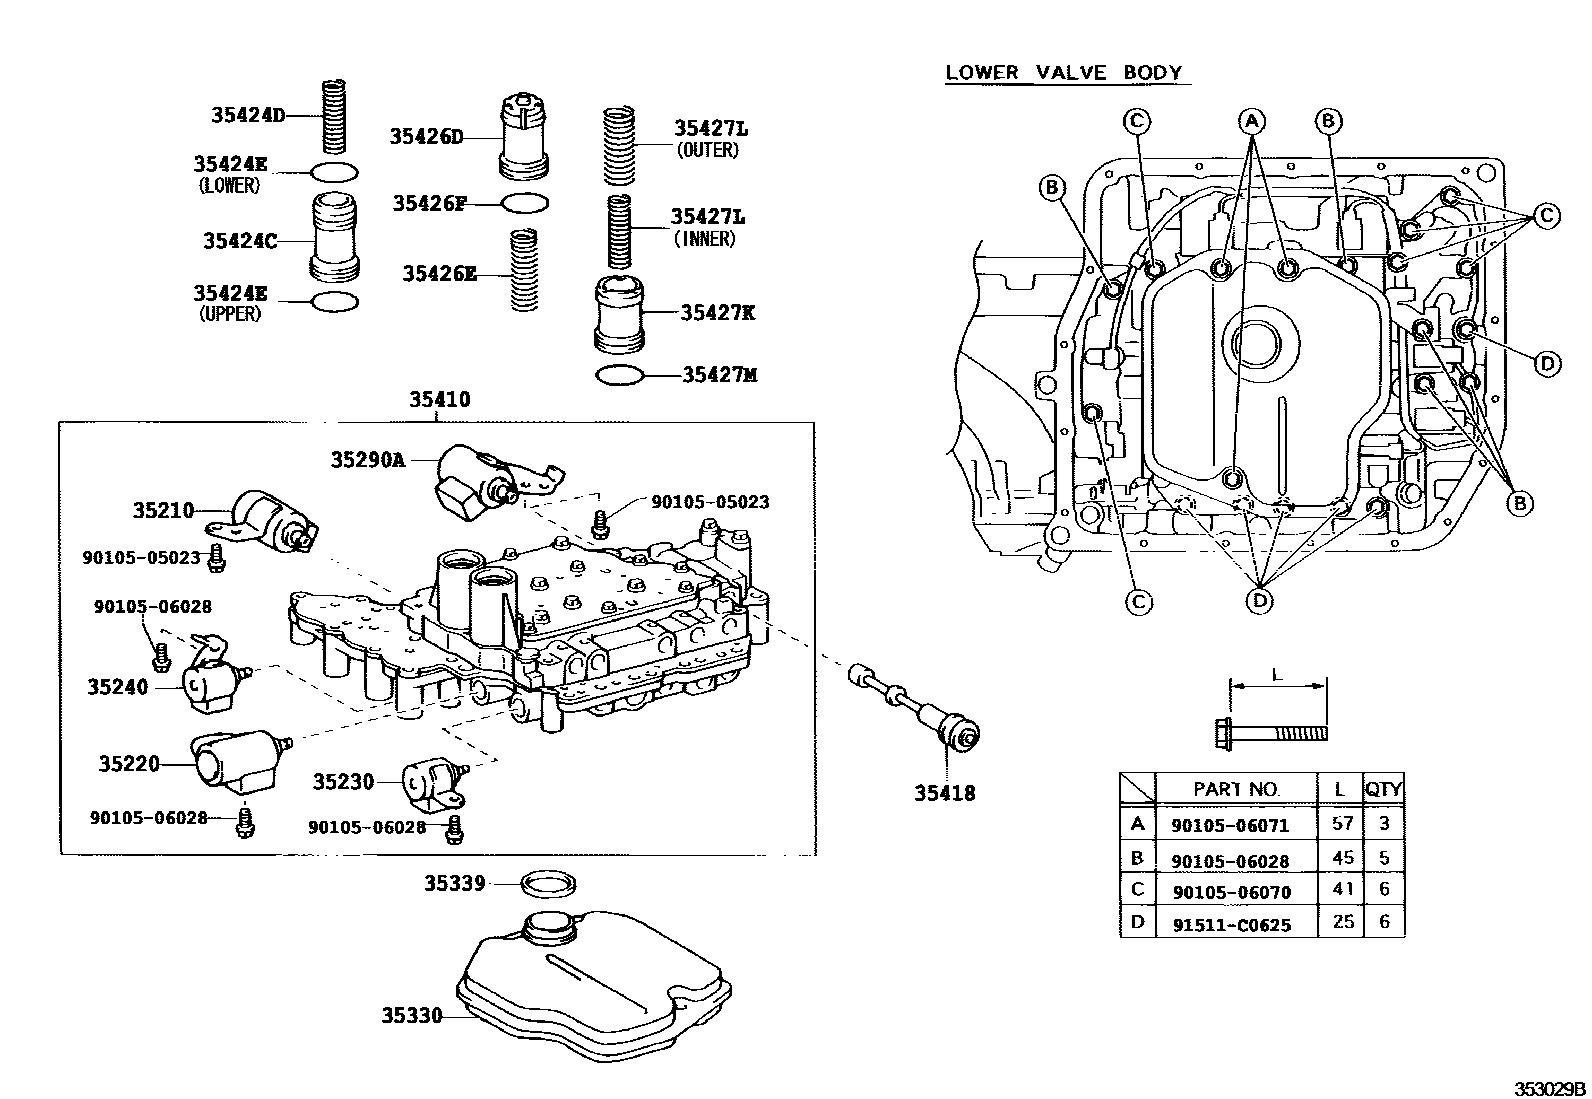 1994 lexus gs300 wiring diagram mc 7295  moreover 1994 lexus ls400 engine diagram further lexus  lexus ls400 engine diagram